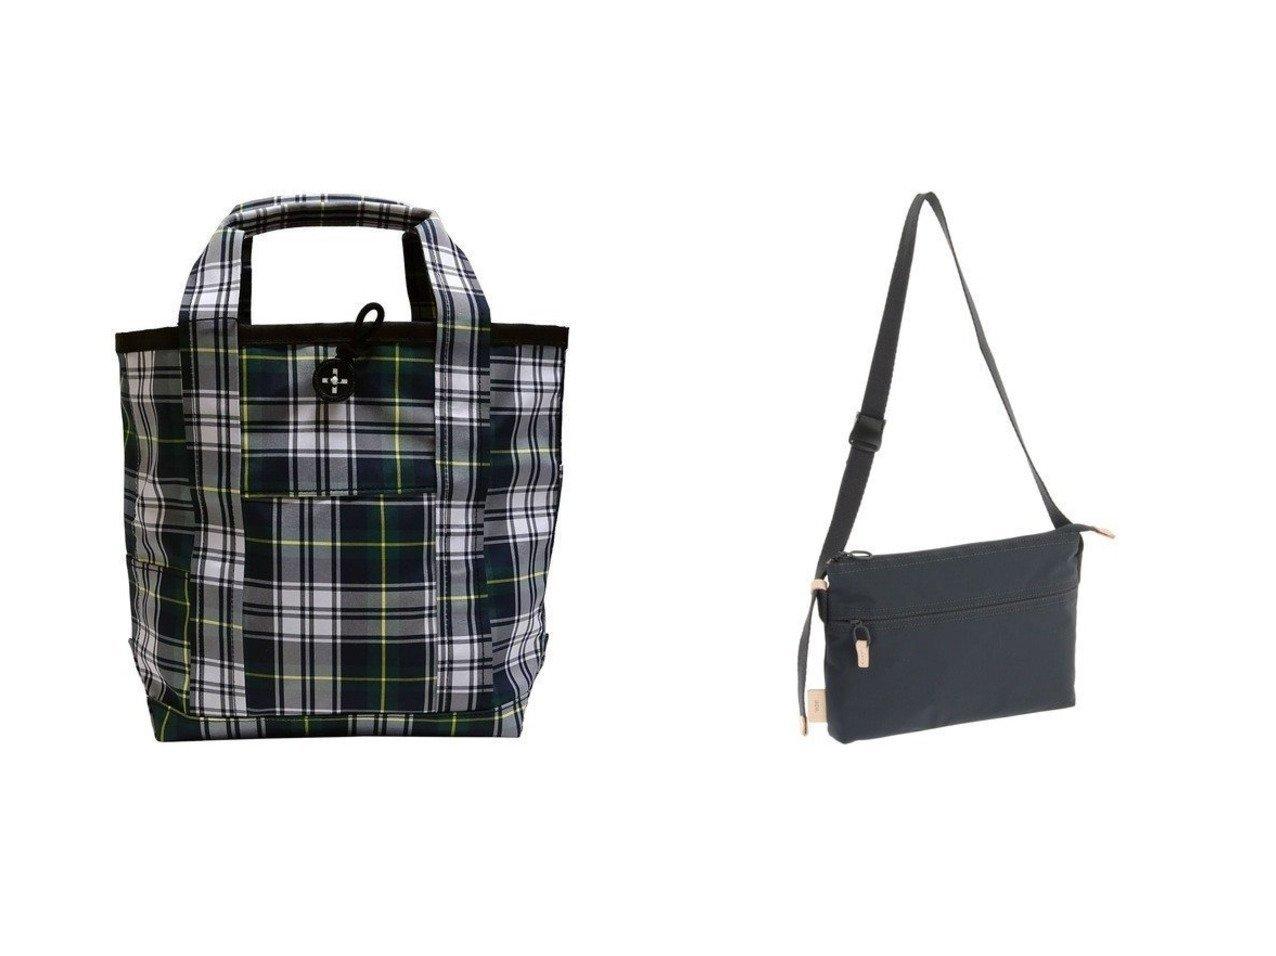 【+RING/プラスリング】の撥水トートバッグM グリーンチェック SR183&【ACE BAGS & LUGGAGE/エースバッグズアンドラゲッジ】のace. エース ショルダーバッグ サコッシュ ちょっとしたお買い物や街歩 バッグ・鞄のおすすめ!人気、トレンド・レディースファッションの通販 おすすめで人気の流行・トレンド、ファッションの通販商品 メンズファッション・キッズファッション・インテリア・家具・レディースファッション・服の通販 founy(ファニー) https://founy.com/ ファッション Fashion レディースファッション WOMEN バッグ Bag 軽量 シンプル スマート 財布 トラベル フィット ポケット メッシュ 送料無料 Free Shipping チェック 傘 雑誌 |ID:crp329100000013707